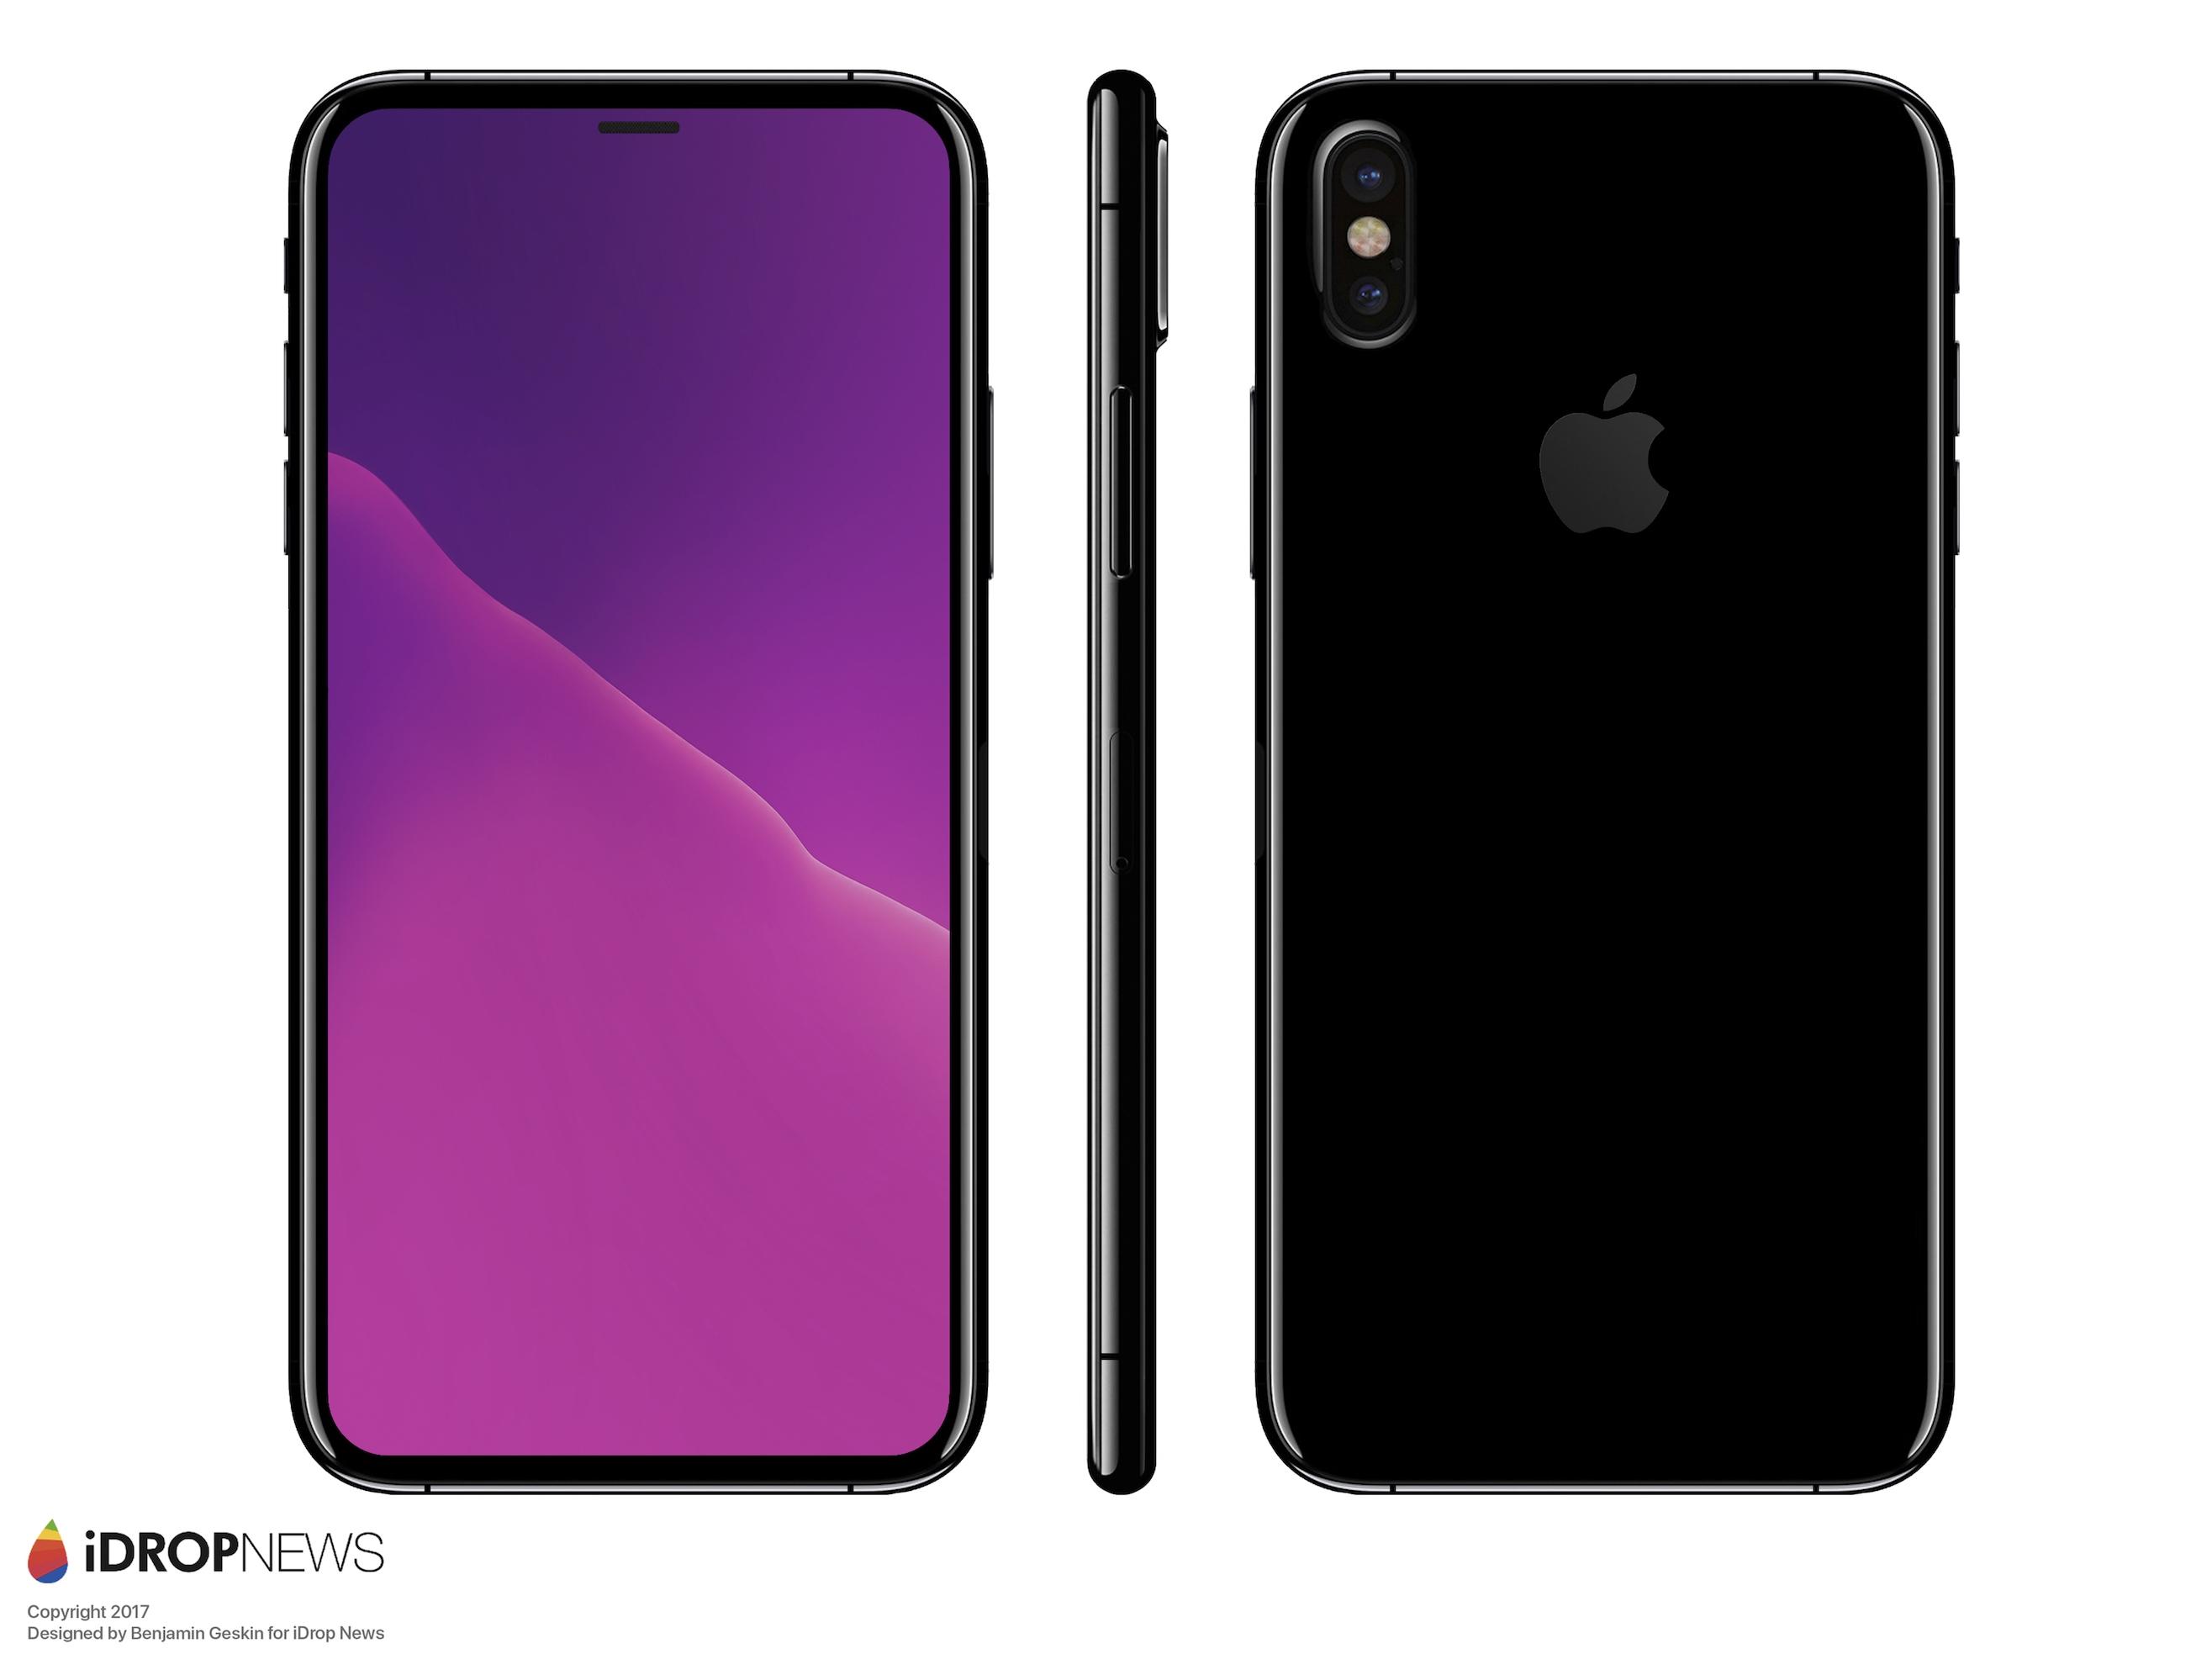 今天早些时候,我们报道了苹果iPhone 8测试机的新闻,只有文字的描述显然不够形象,所以iDrop将他们从富士康收到的这些绝密情报给展现了出来。 用iDrop的话说,iPhone 8最后的外形大体就是这样了,手机前面板的上下左右边框都是4mm,由于取消了Home键,采用了更激进的全面屏设计,所以即使配备的是5.